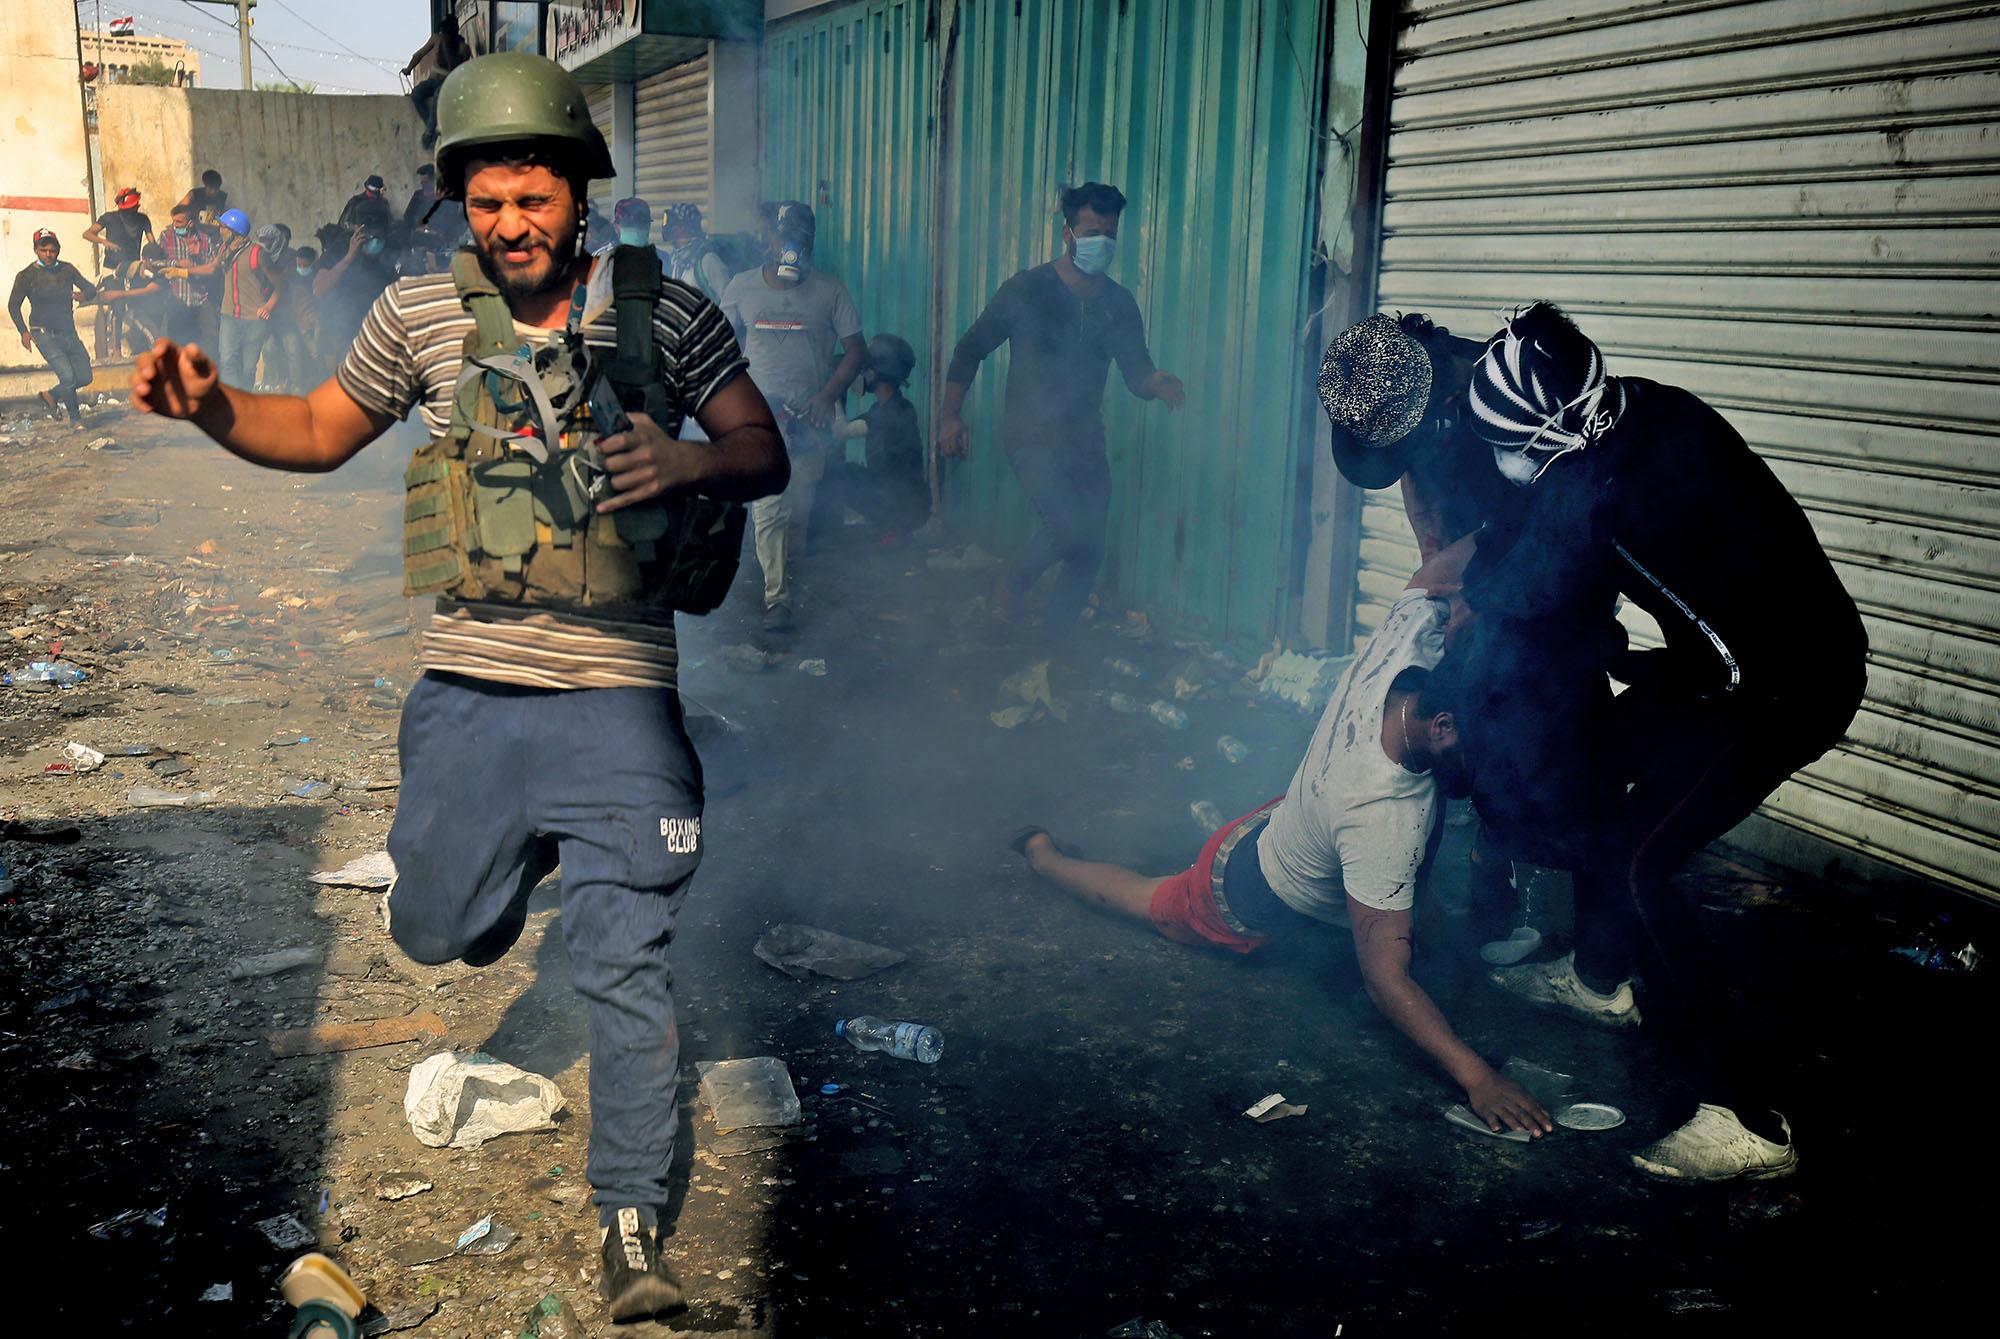 العراق: شباب يتحدى الموت